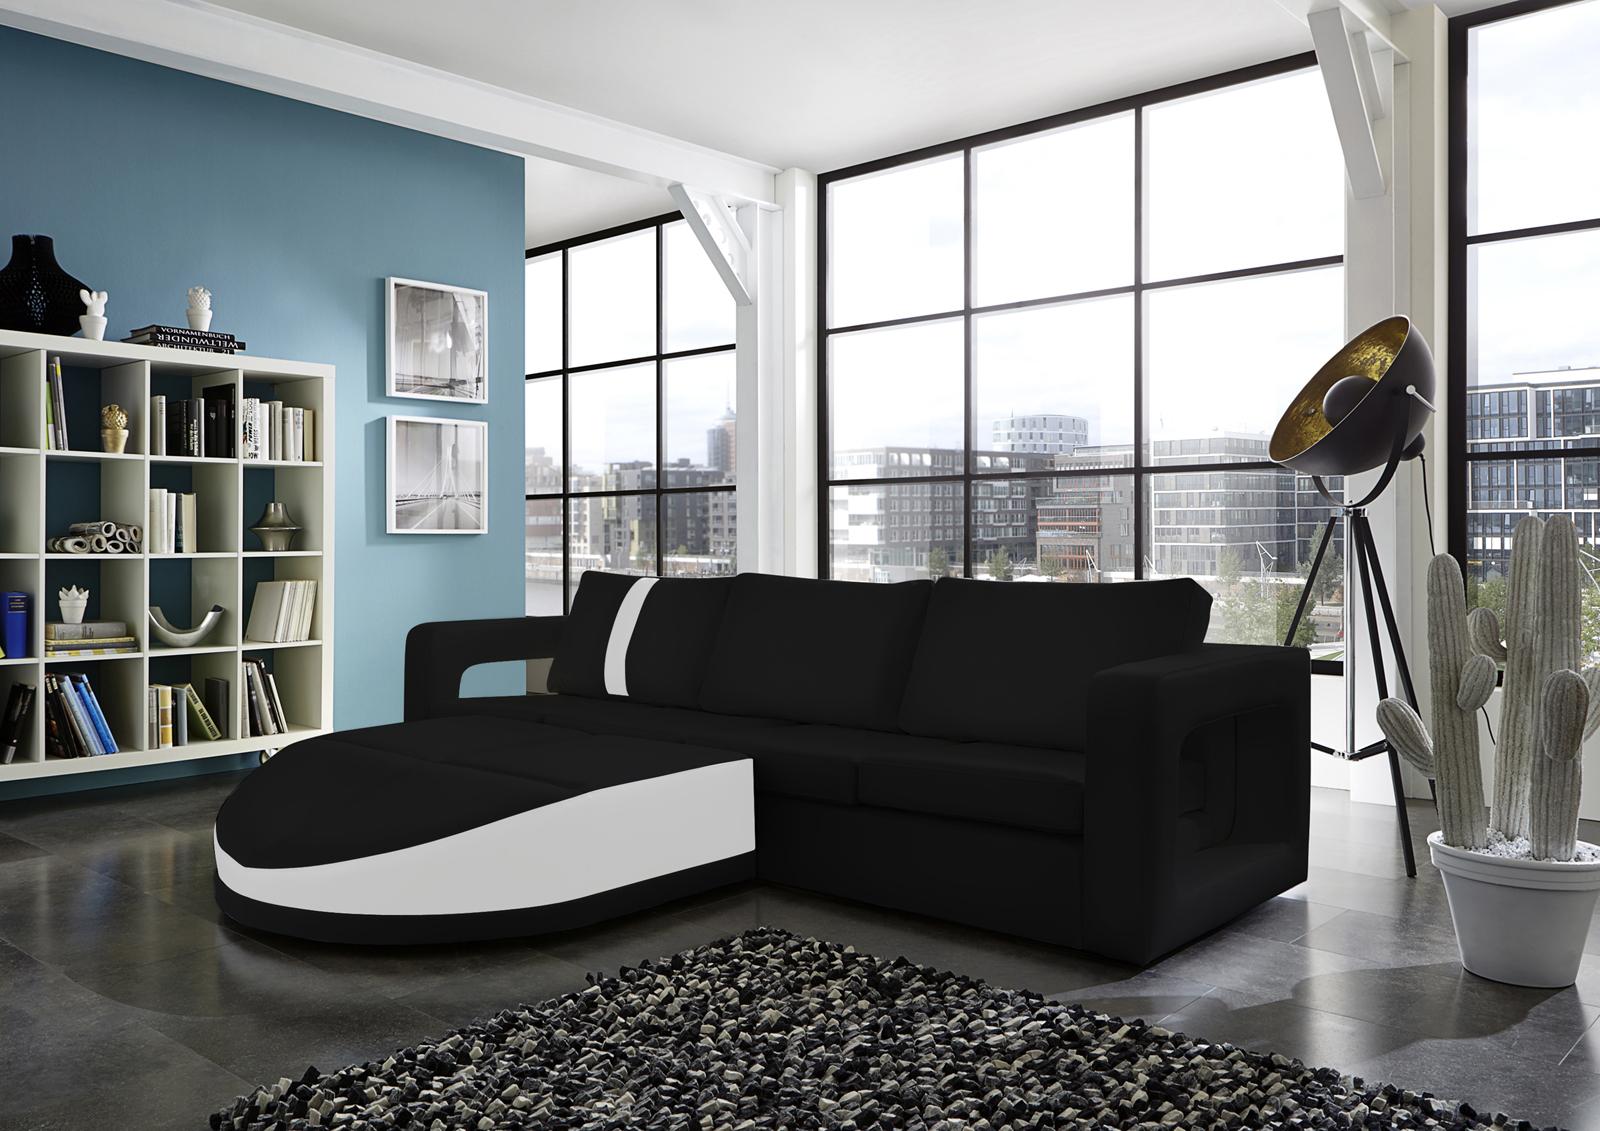 Wohnzimmer schwarz weiß pink – dumss.com